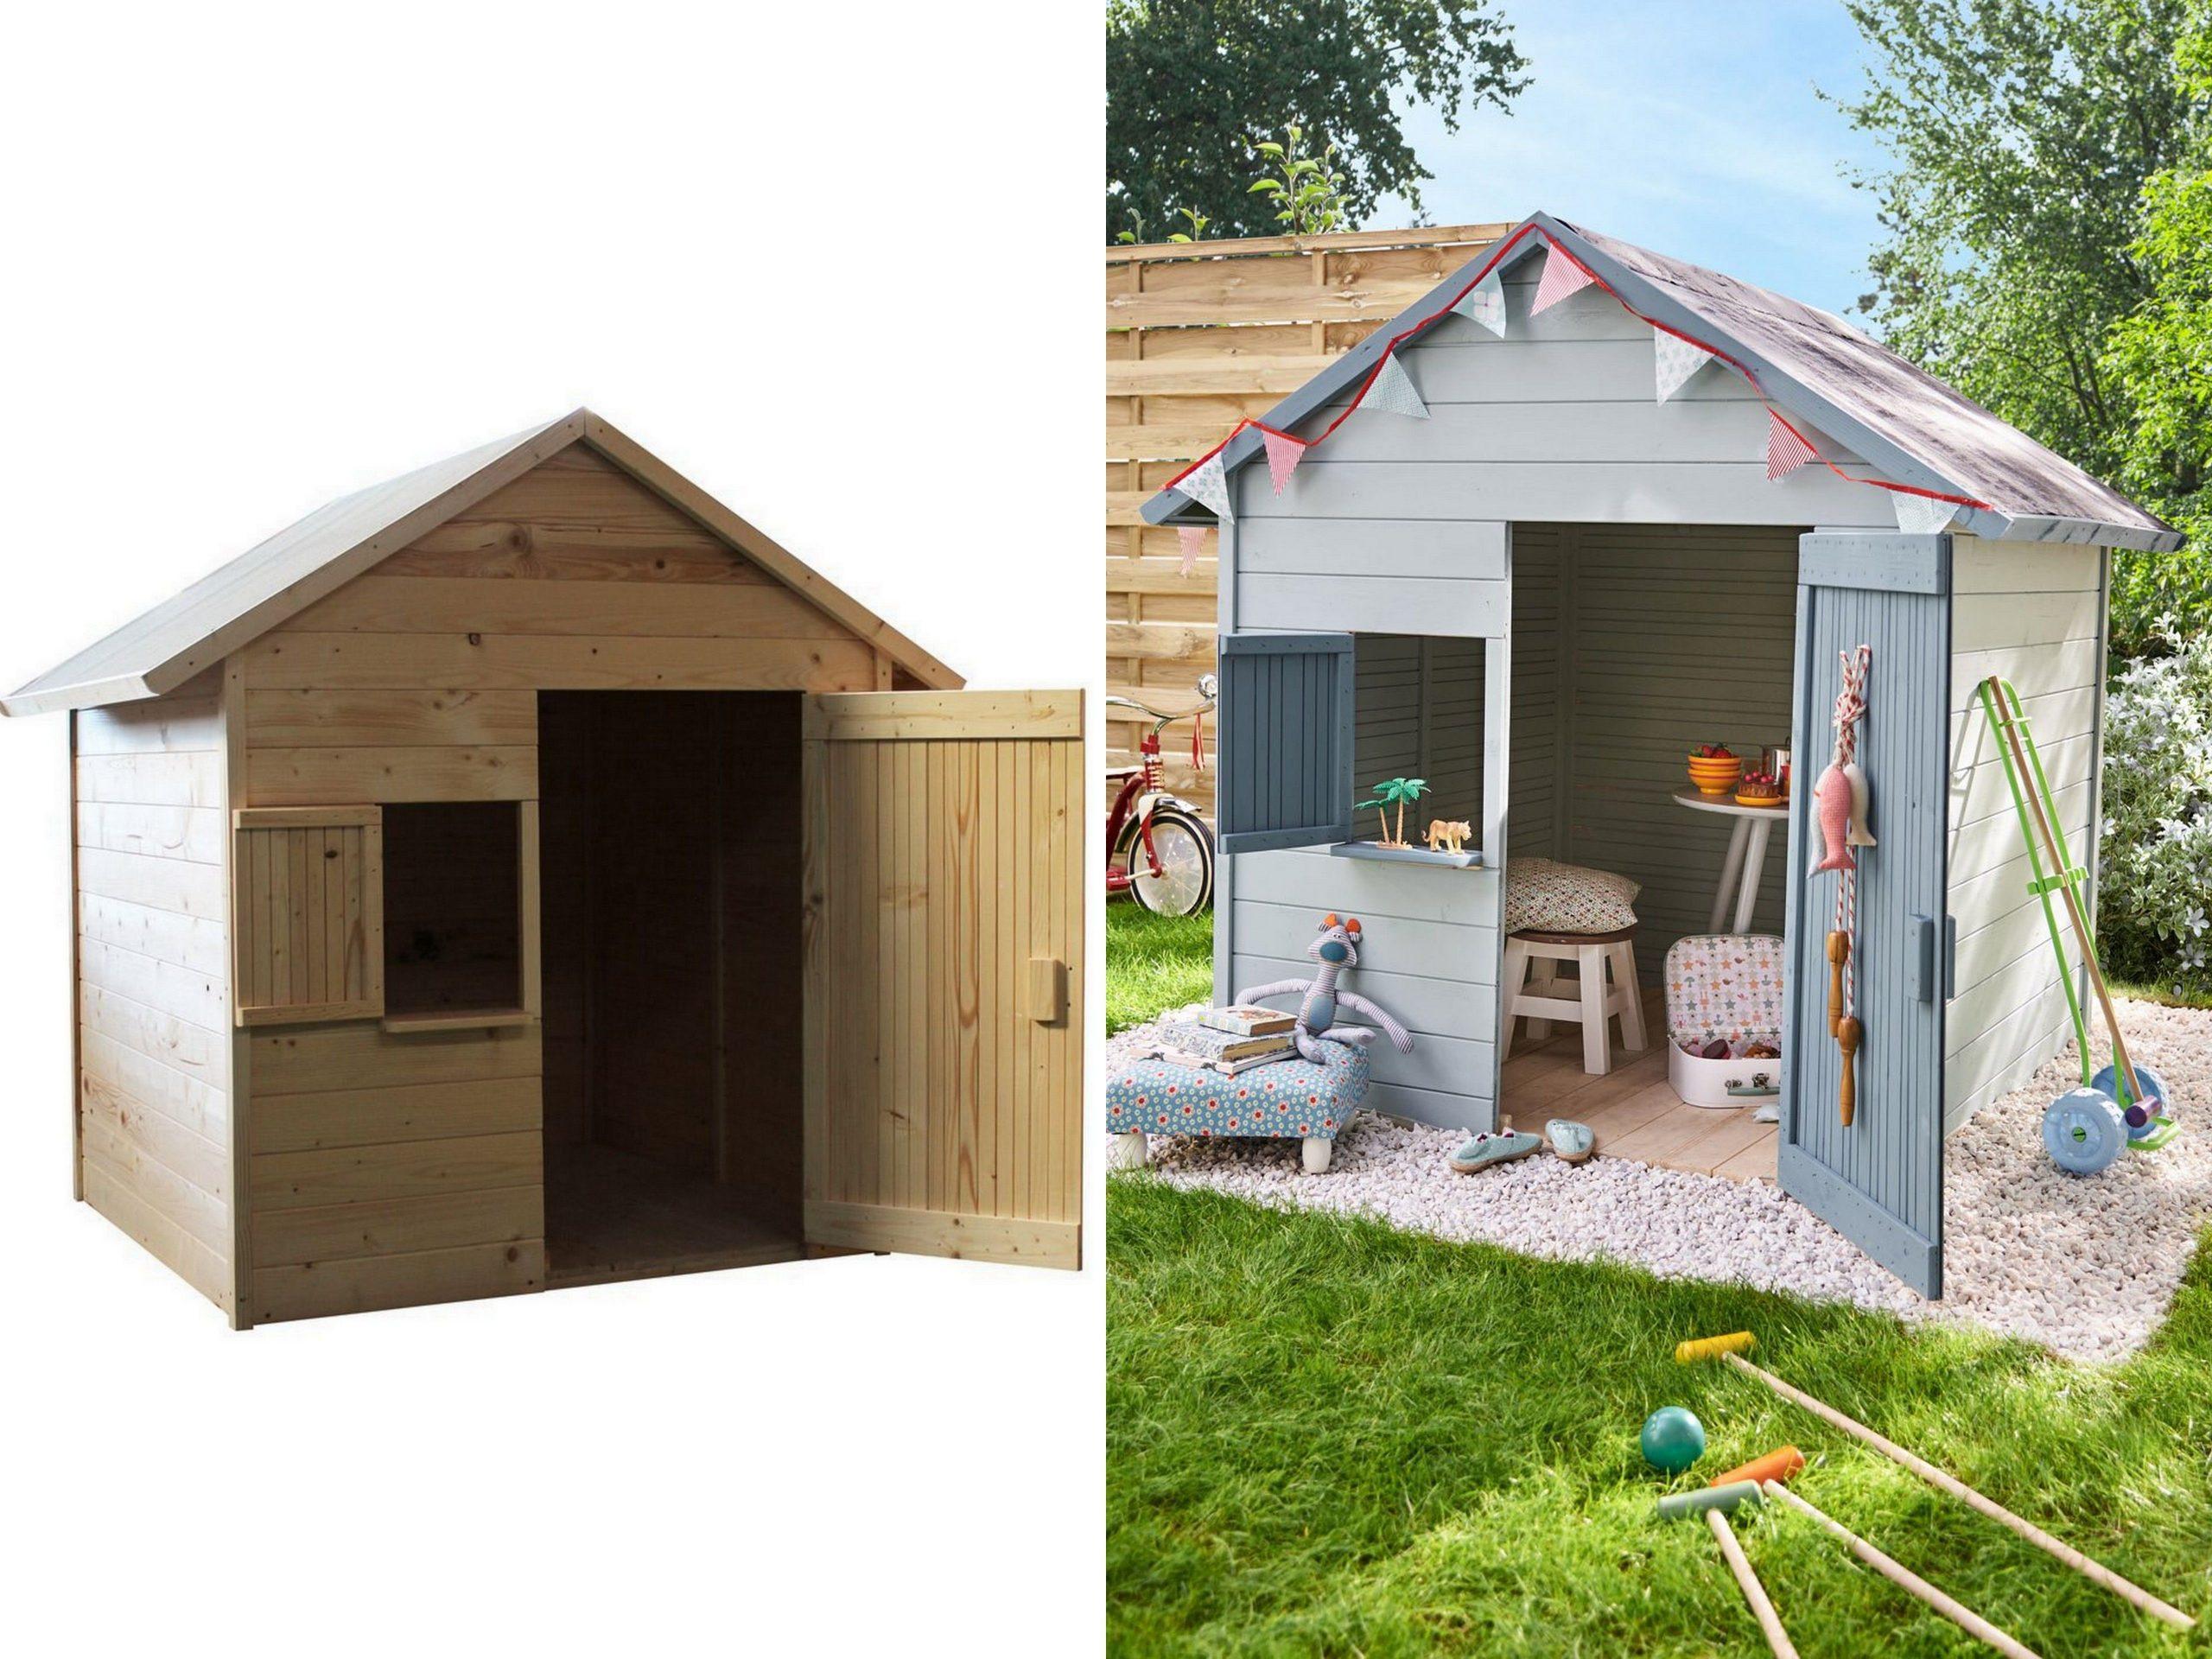 Une Cabane En Bois Pour Enfant À Prix Doux | Abri De Jardin ... encequiconcerne Cabane De Jardin Enfant Pas Cher